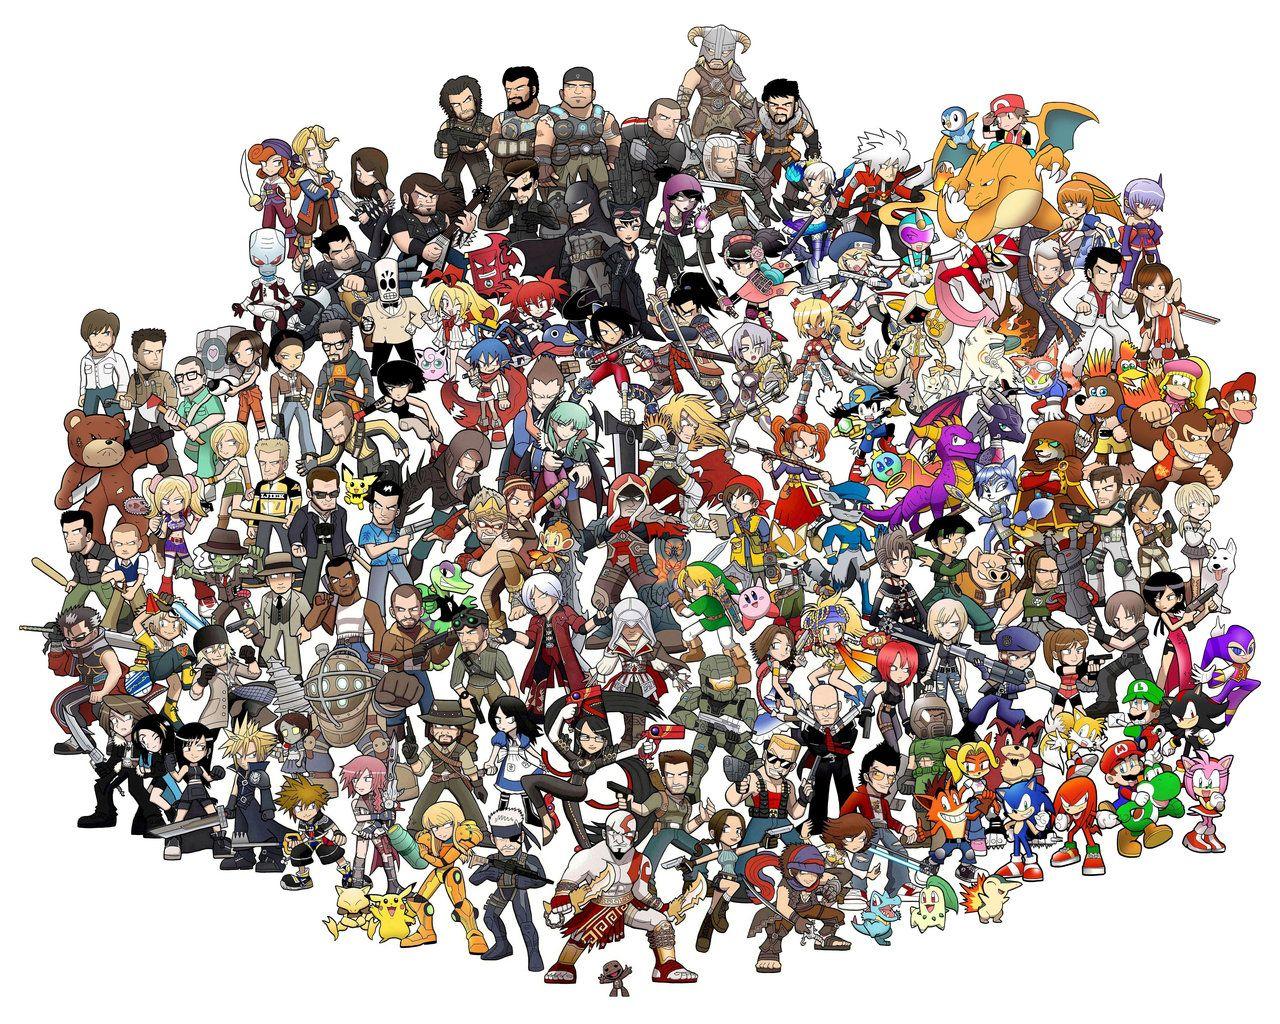 Les Personnages De Jeux Vidéo Les Plus Connus | Personnages destiné Jeux De Personnage Gratuit